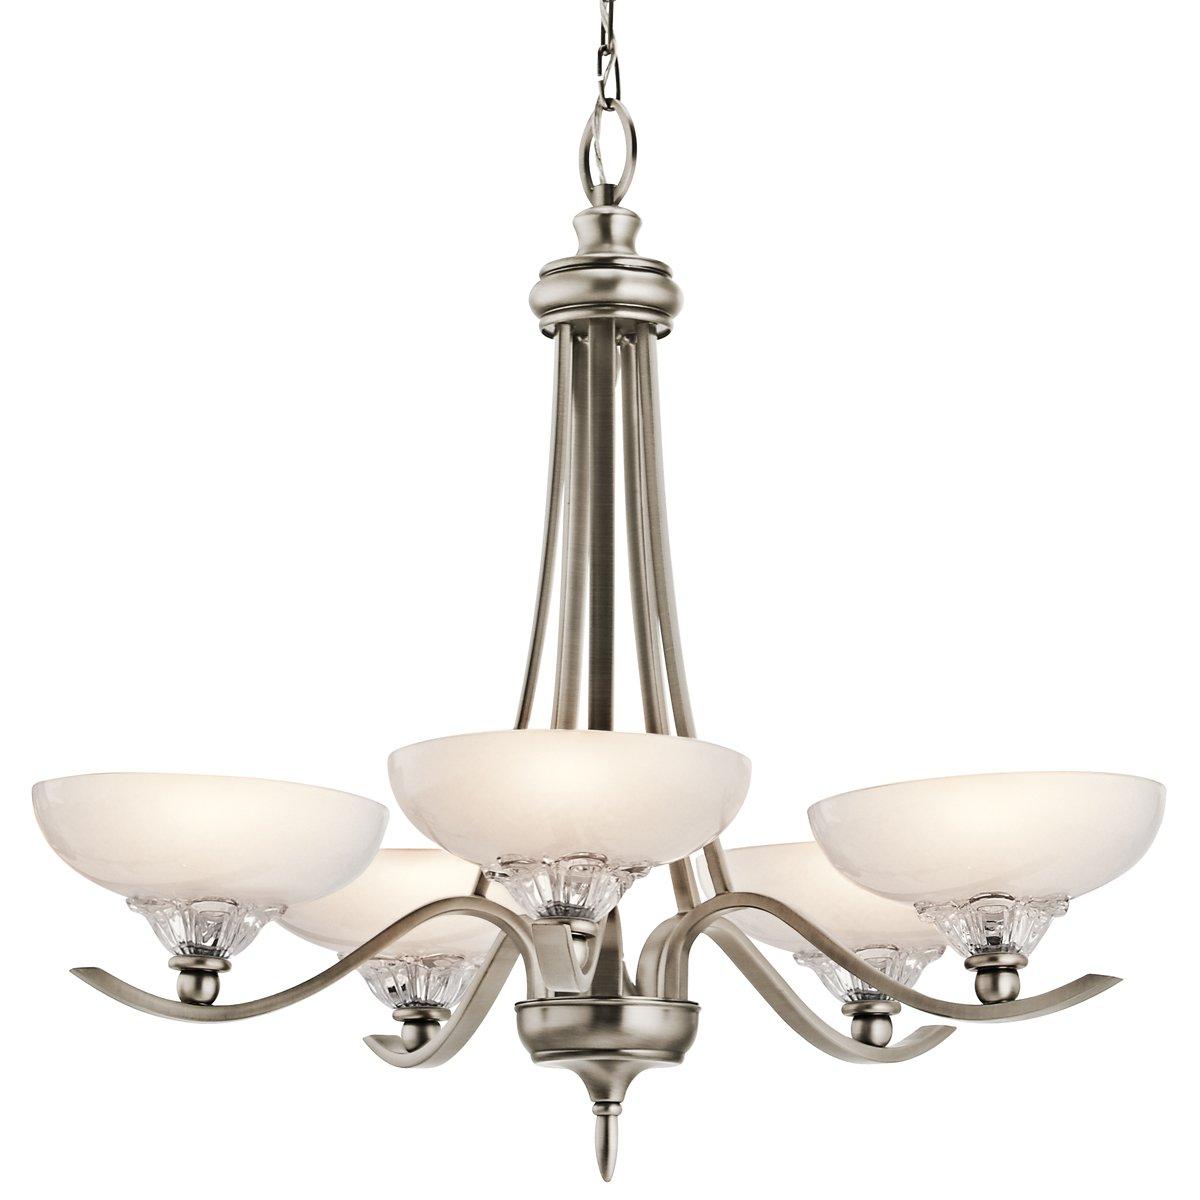 Kichler lighting 42367ap 5 light kaelah chandelier antique pewter kichler lighting 42367ap 5 light kaelah chandelier antique pewter arubaitofo Choice Image